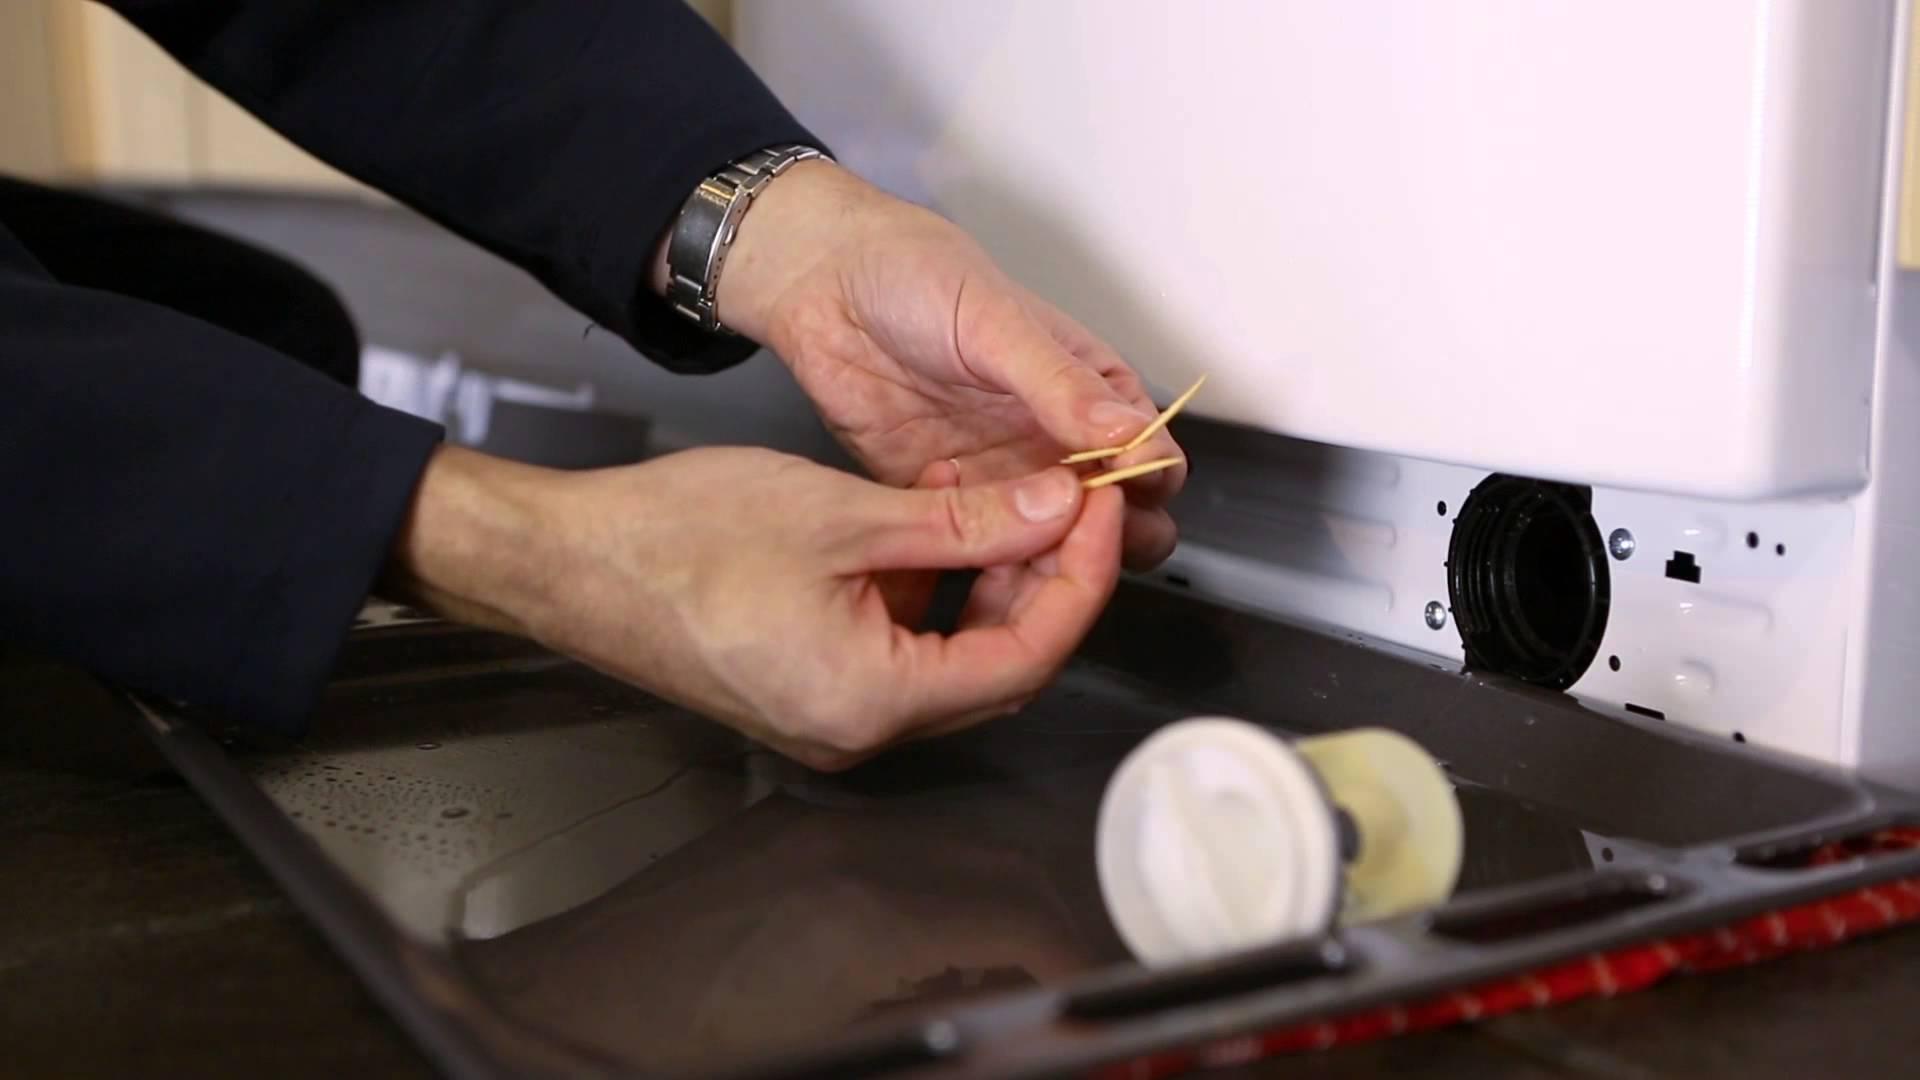 Посторонний предмет в стиральной машины